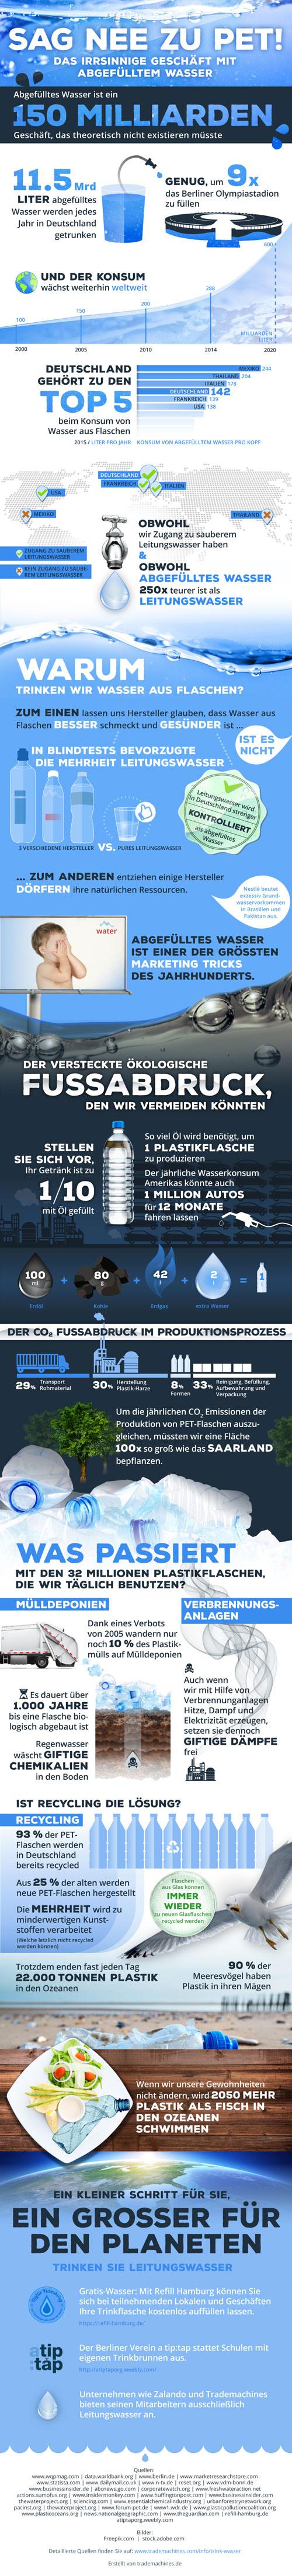 Abgefülltes Wasser Infografik